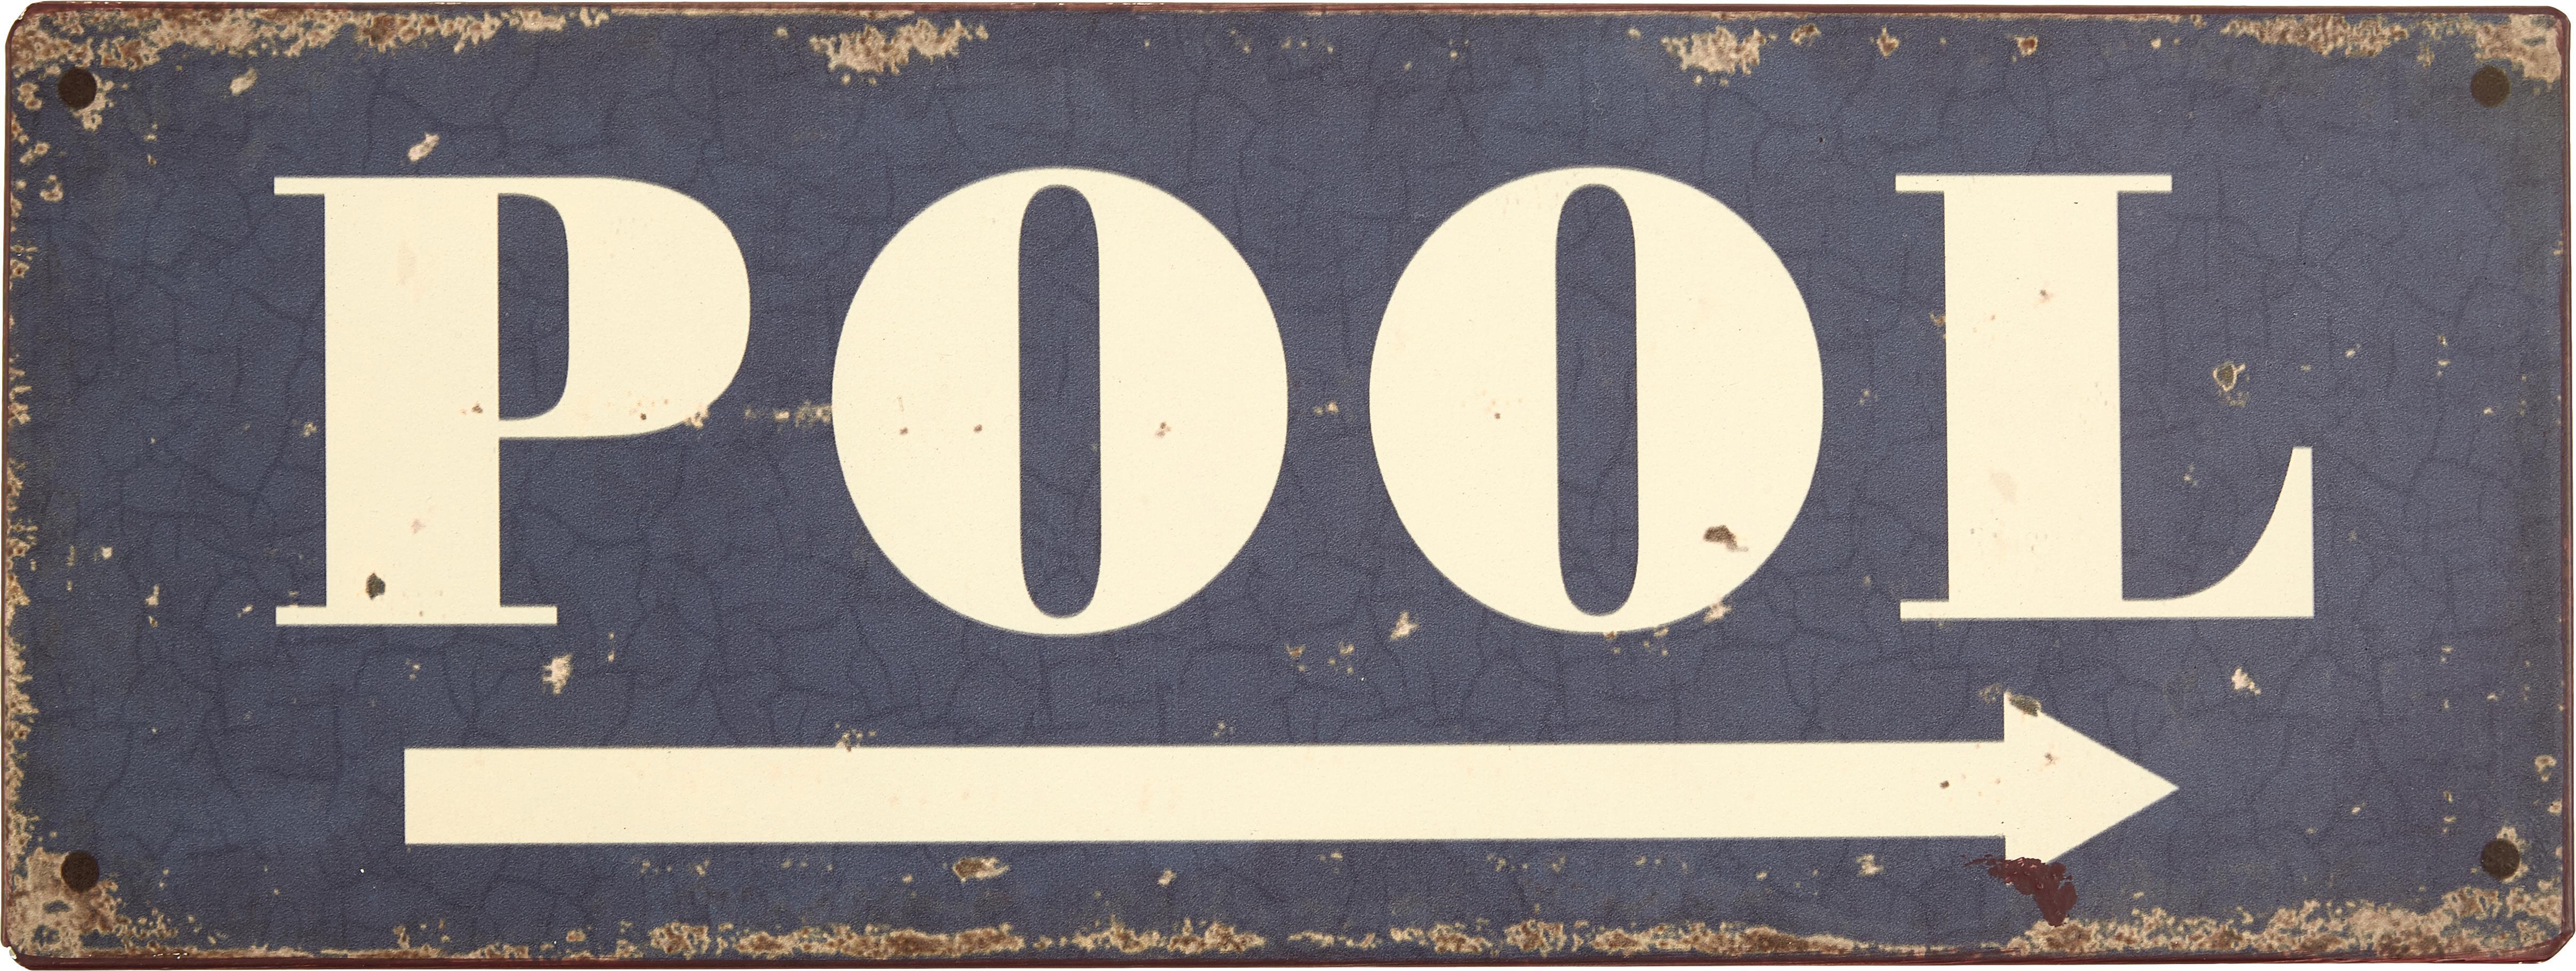 Wandschild Pool, Metall, mit Motivfolie beklebt, Dunkelblau, gebrochenes Weiß, Rostfarben, 40 x 15 cm